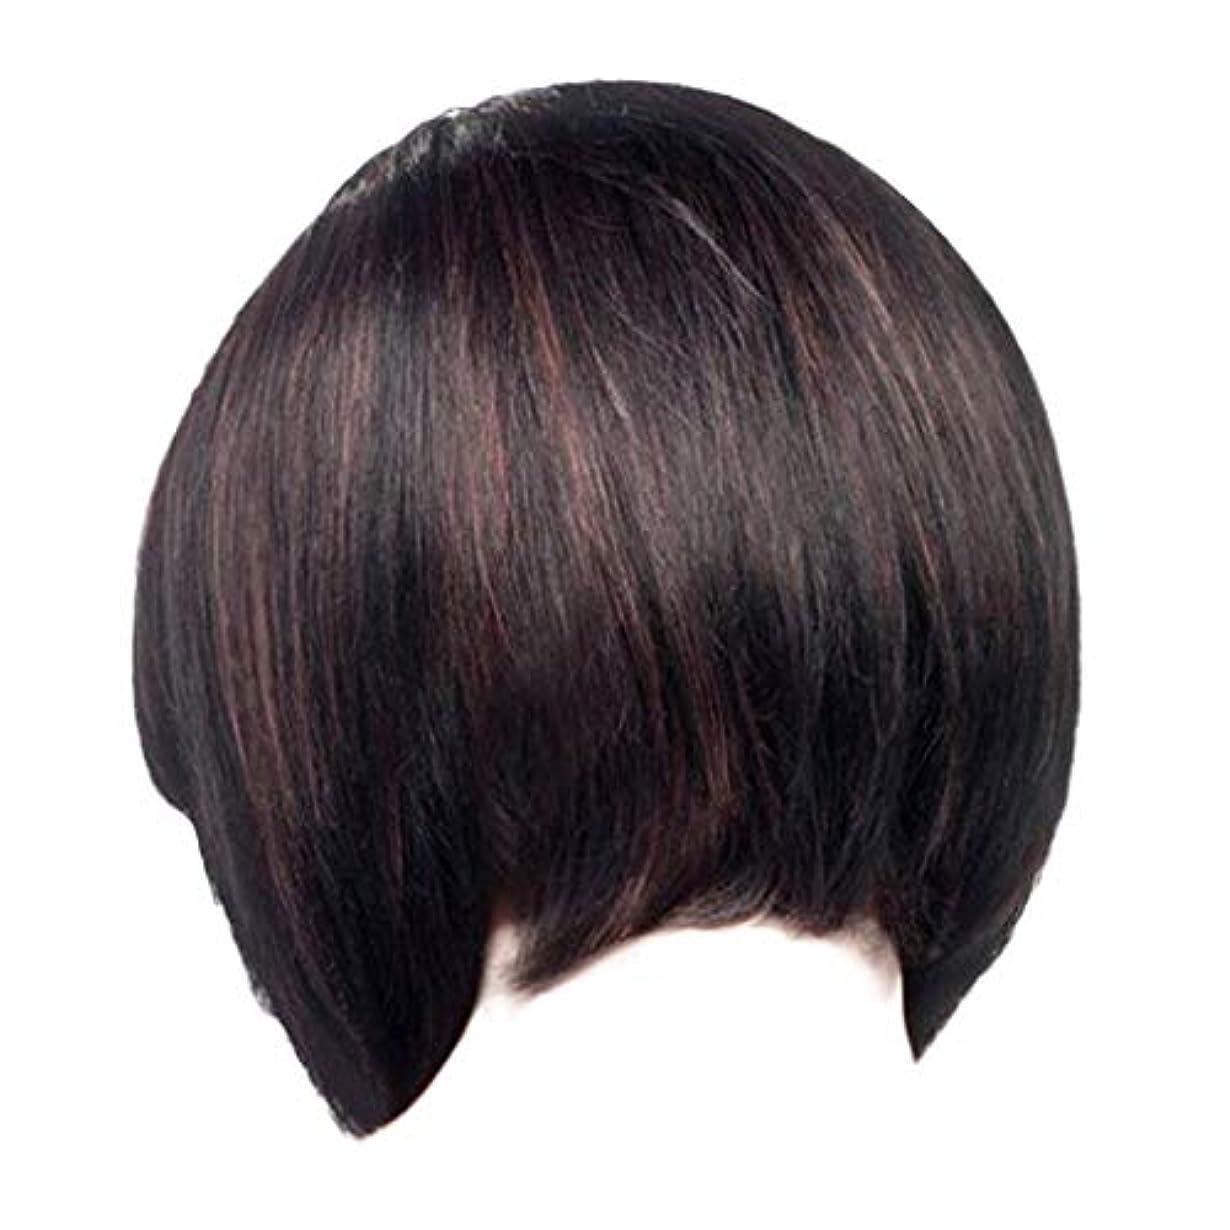 火不注意もう一度ウィッグレディースファッションブラックショートストレートヘアナチュラルウィッグローズヘアネット